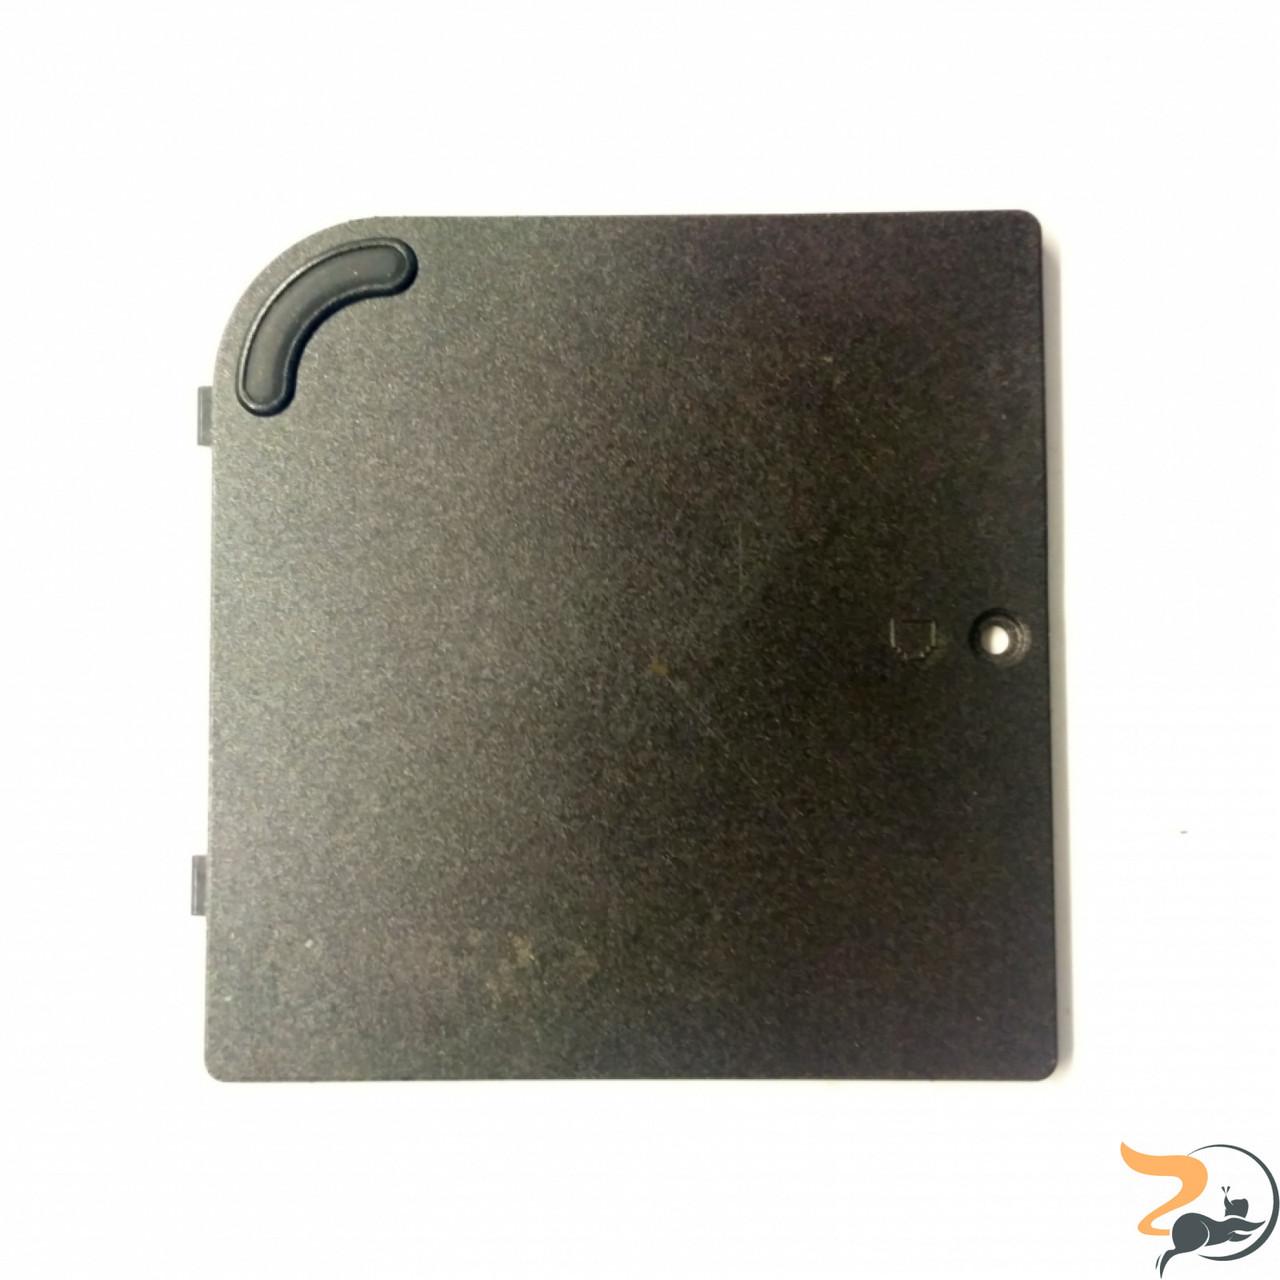 Сервісна кришка для ноутбука Compaq Evo N1020v, Б/В. Без пошкоджень.Має подряпини.